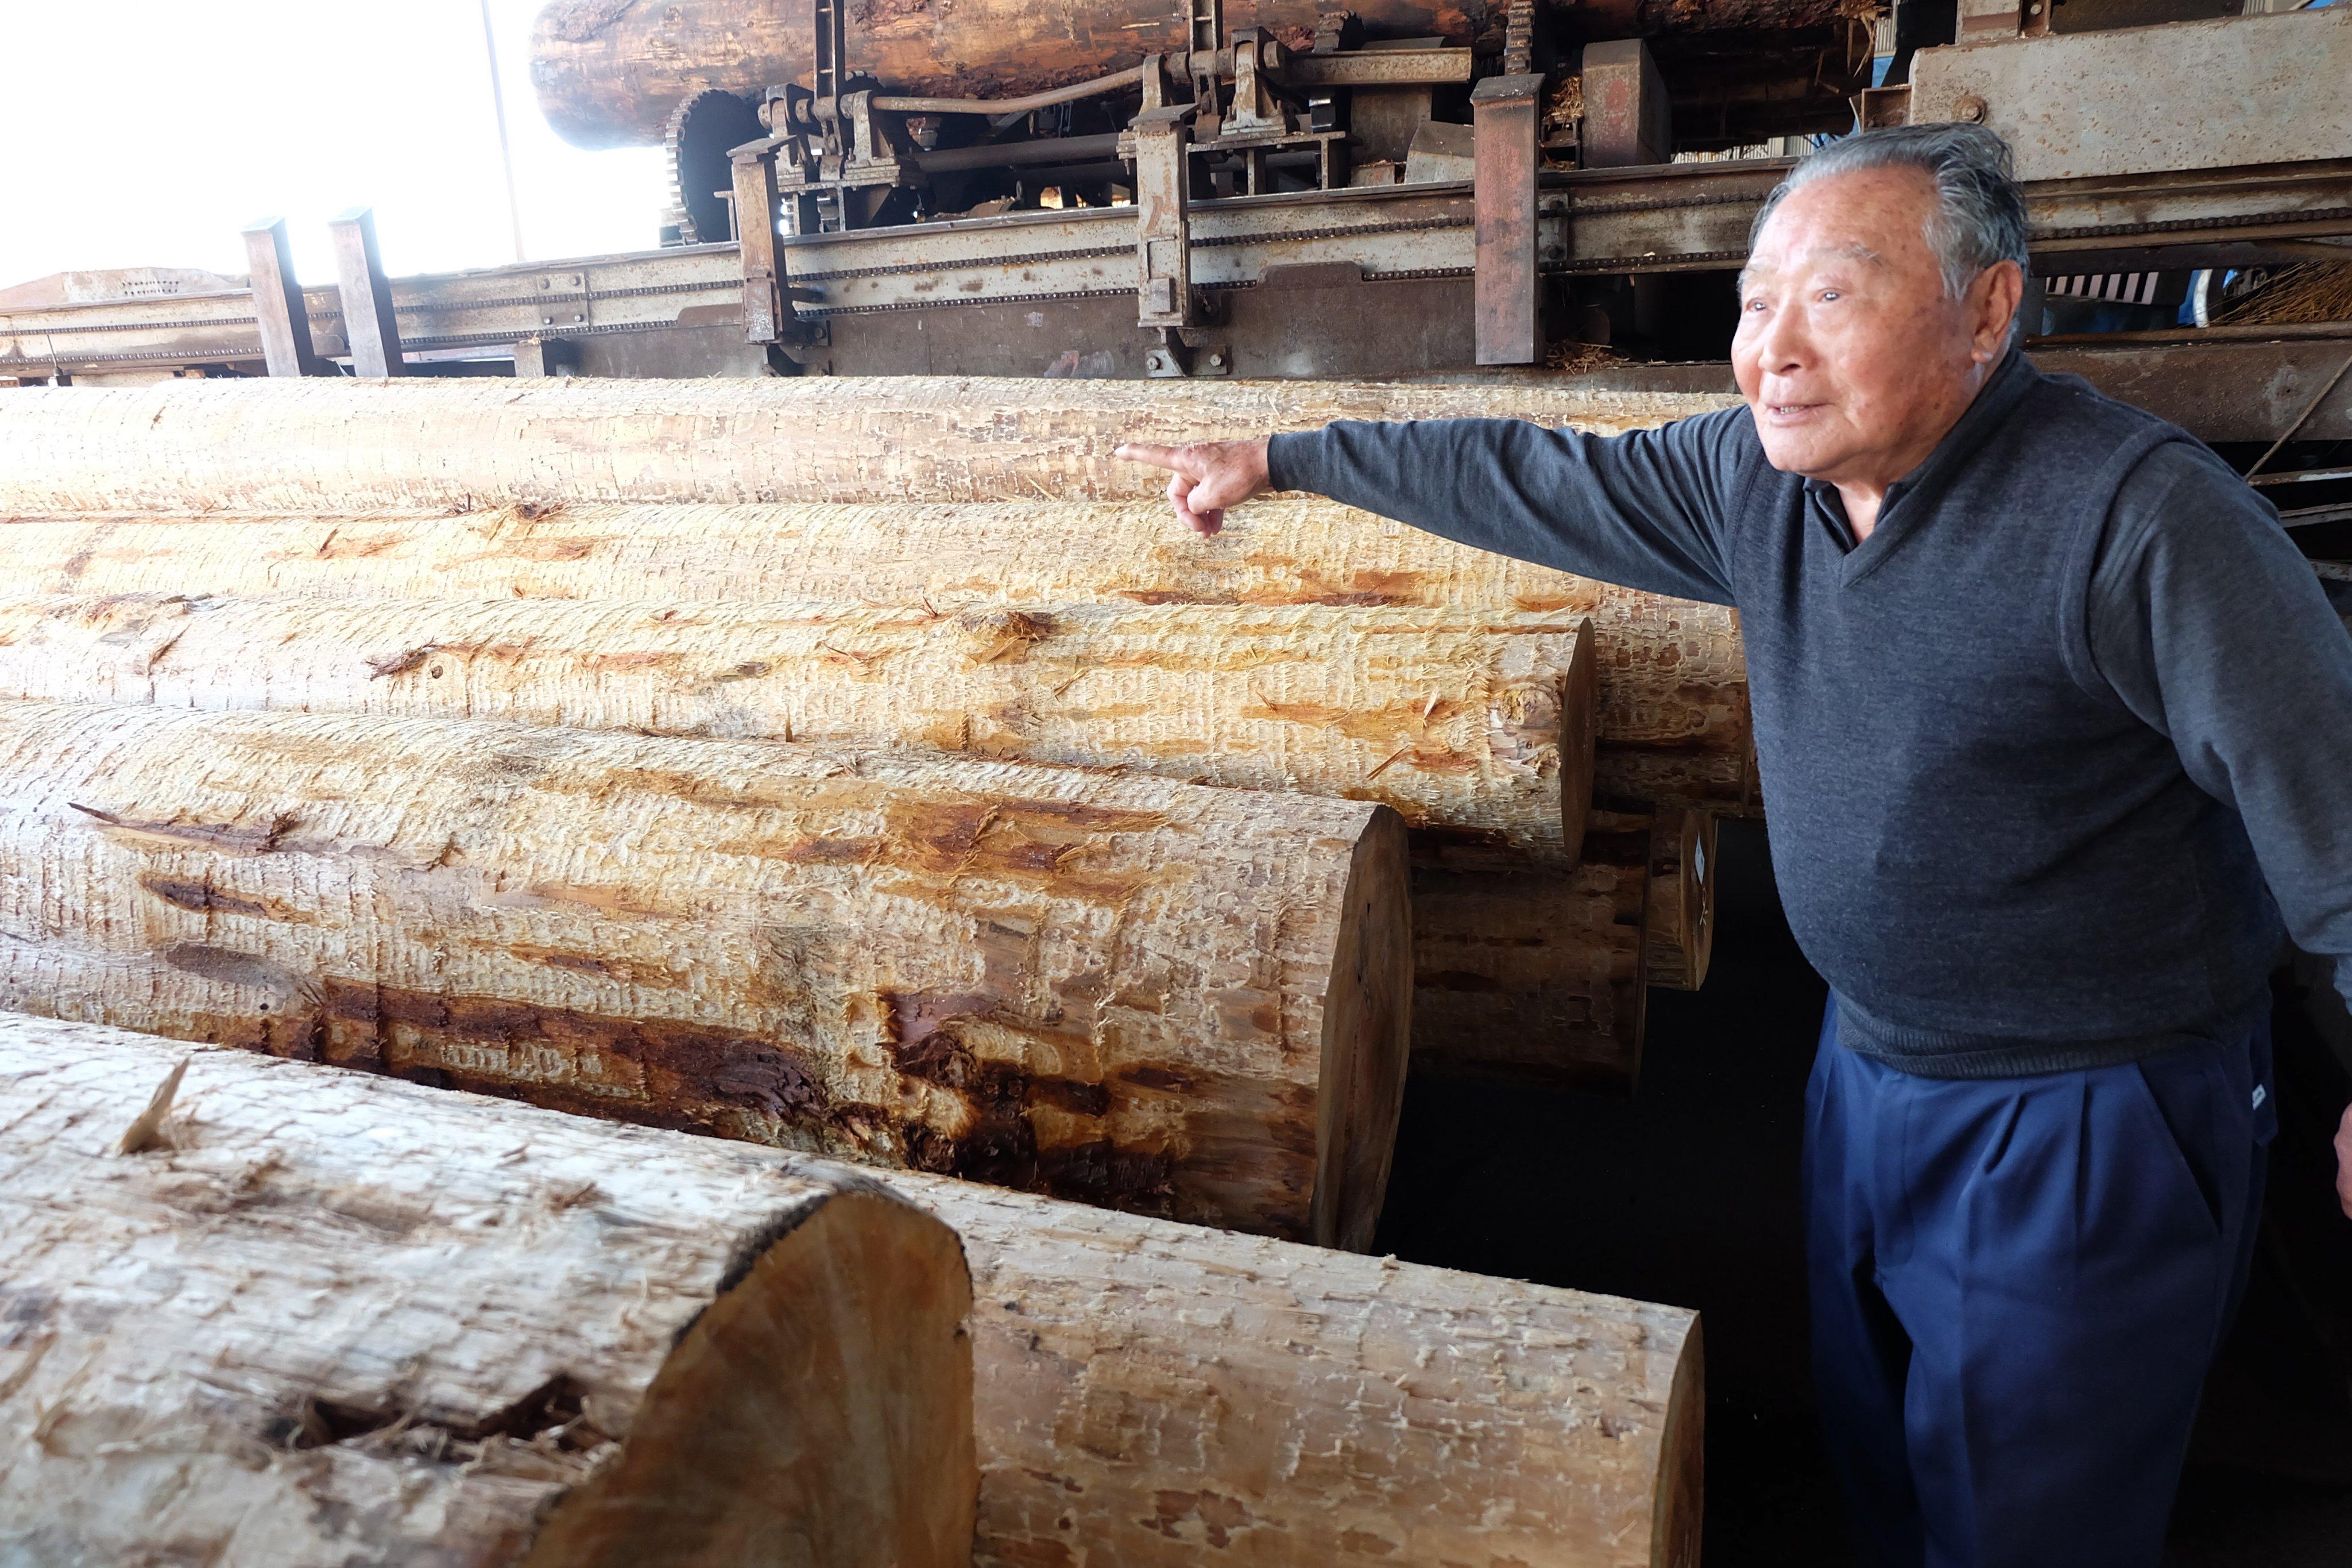 【お出かけルポ】割り箸から日本の未来を考える、 中本製箸の国産割り箸/金沢の中本製箸へ行ってきました